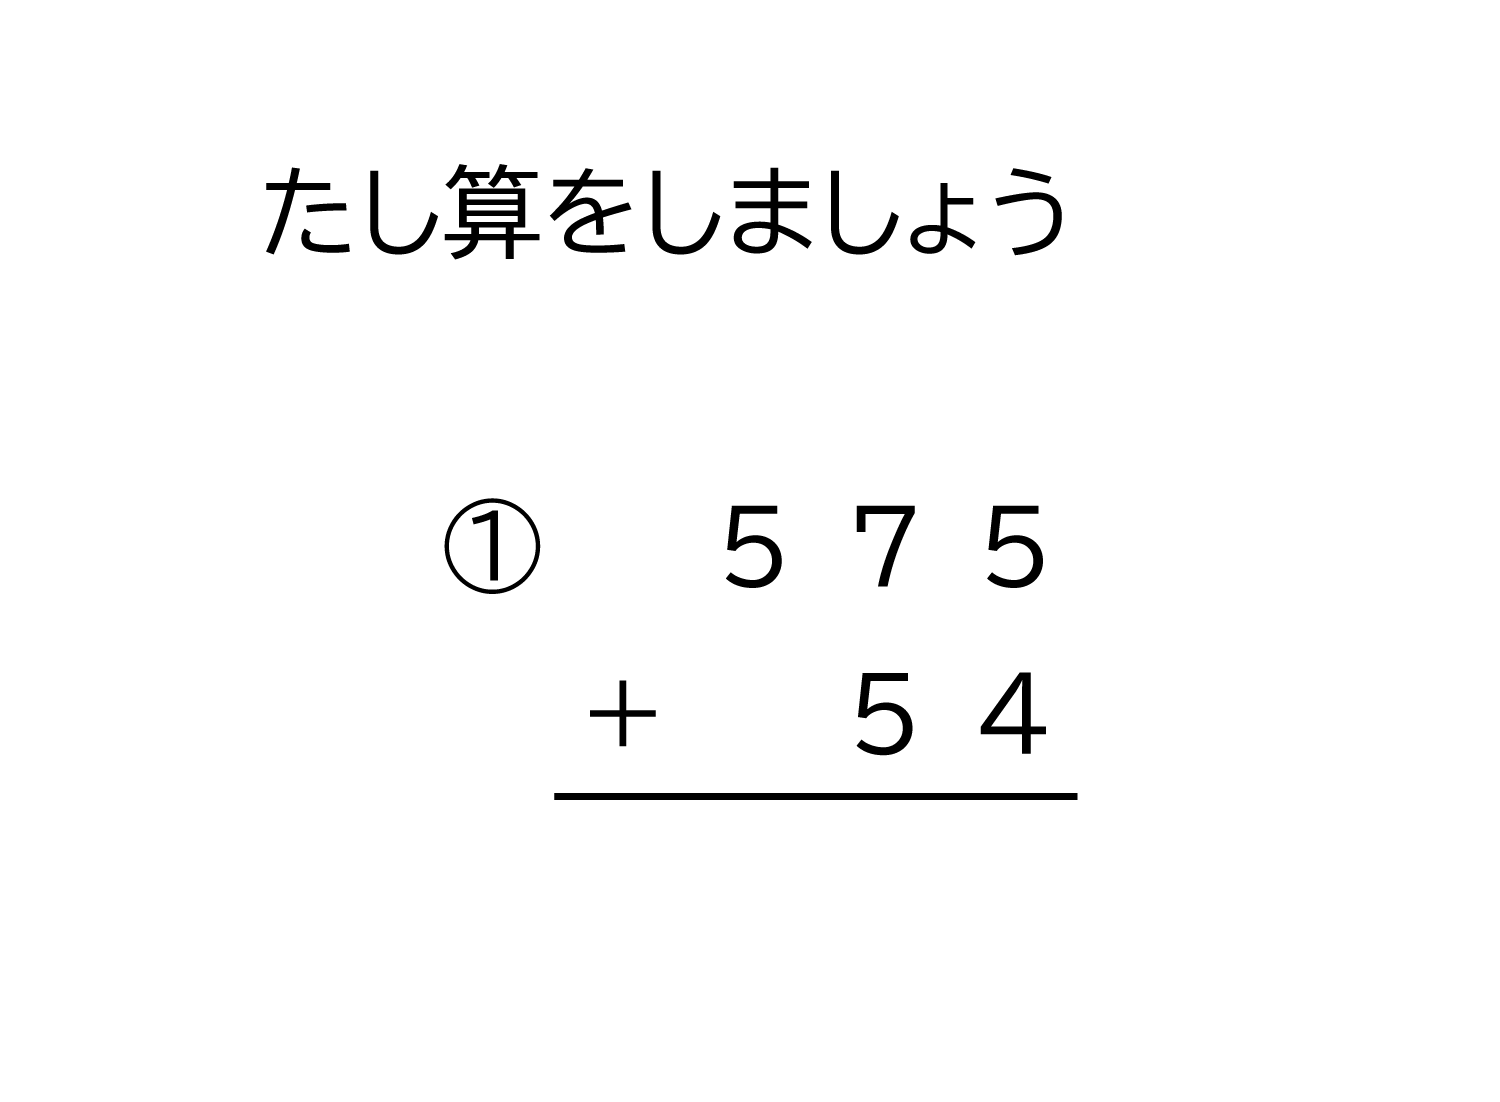 3桁+2桁の百の位に繰り上がる足し算の筆算